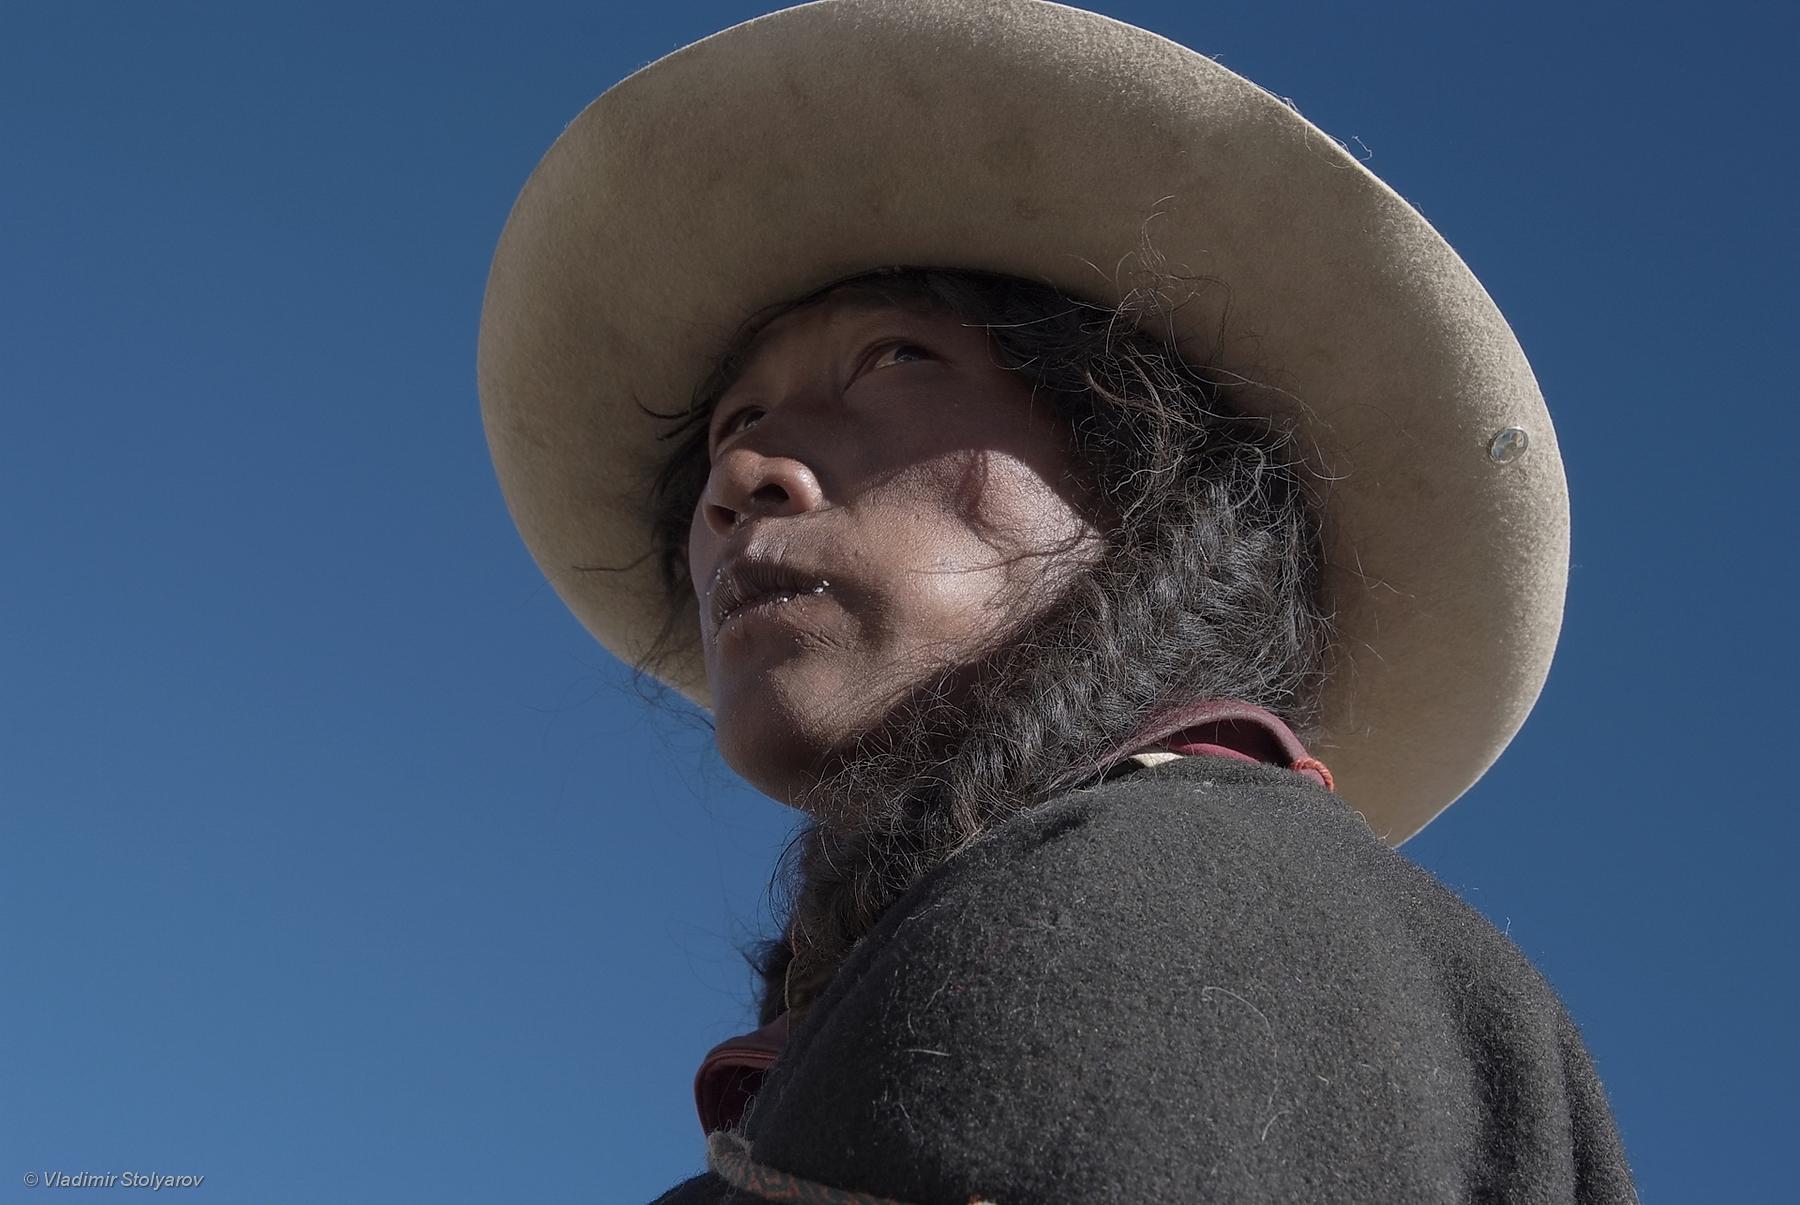 Тибет, Кайлас, перевал Дролма-ла